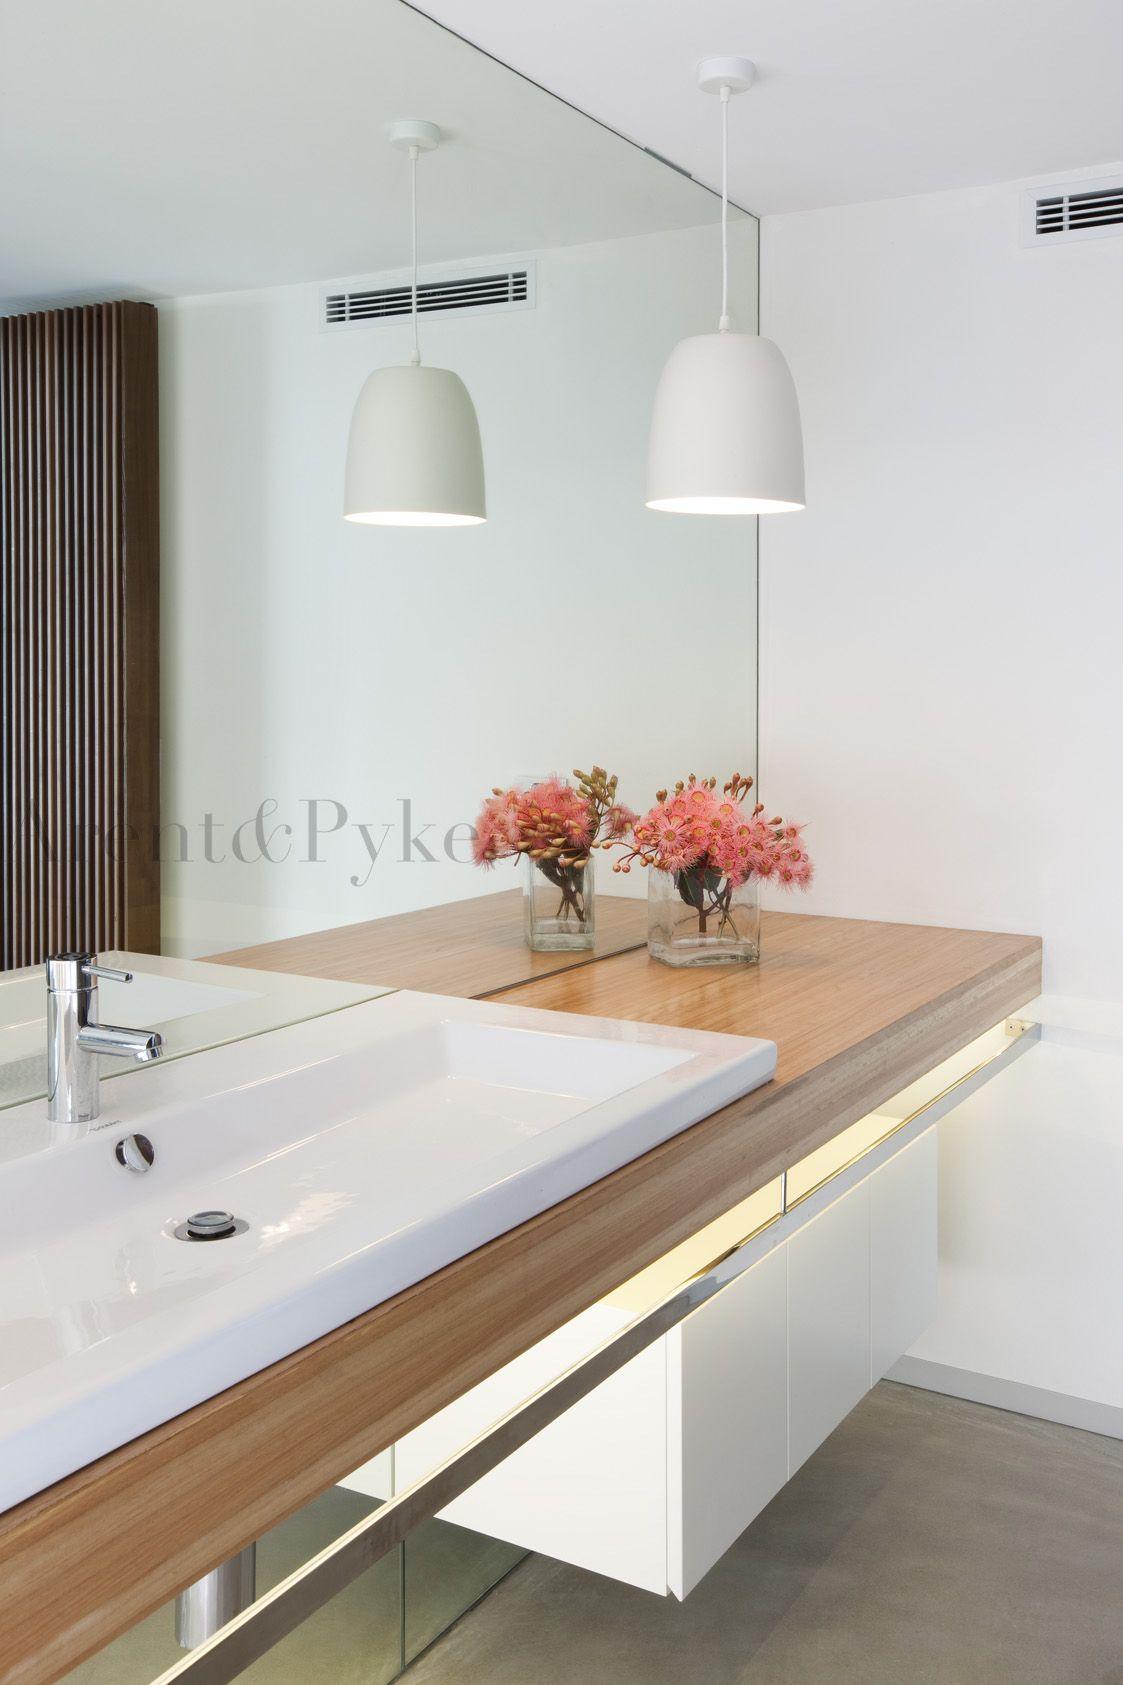 Spiegel Bis Zur Decke Modern Bathroom Design Modern Bathroom